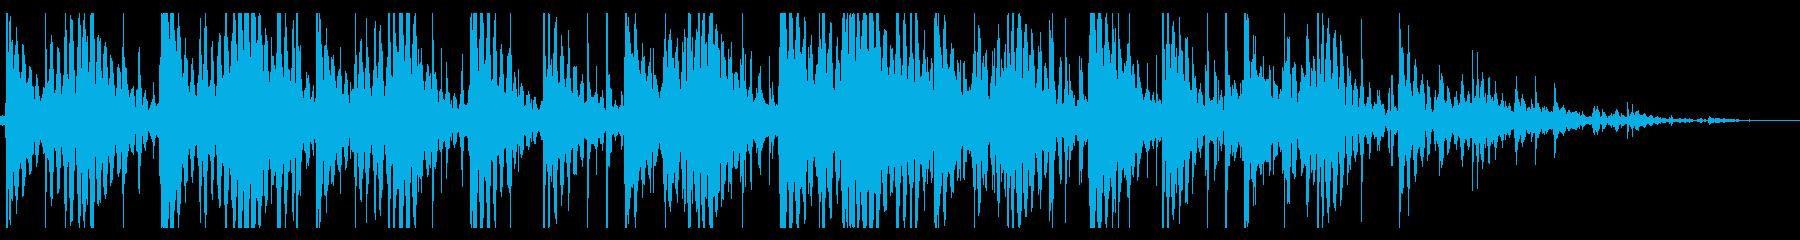 寂しいローファイヒップホップ_391_3の再生済みの波形